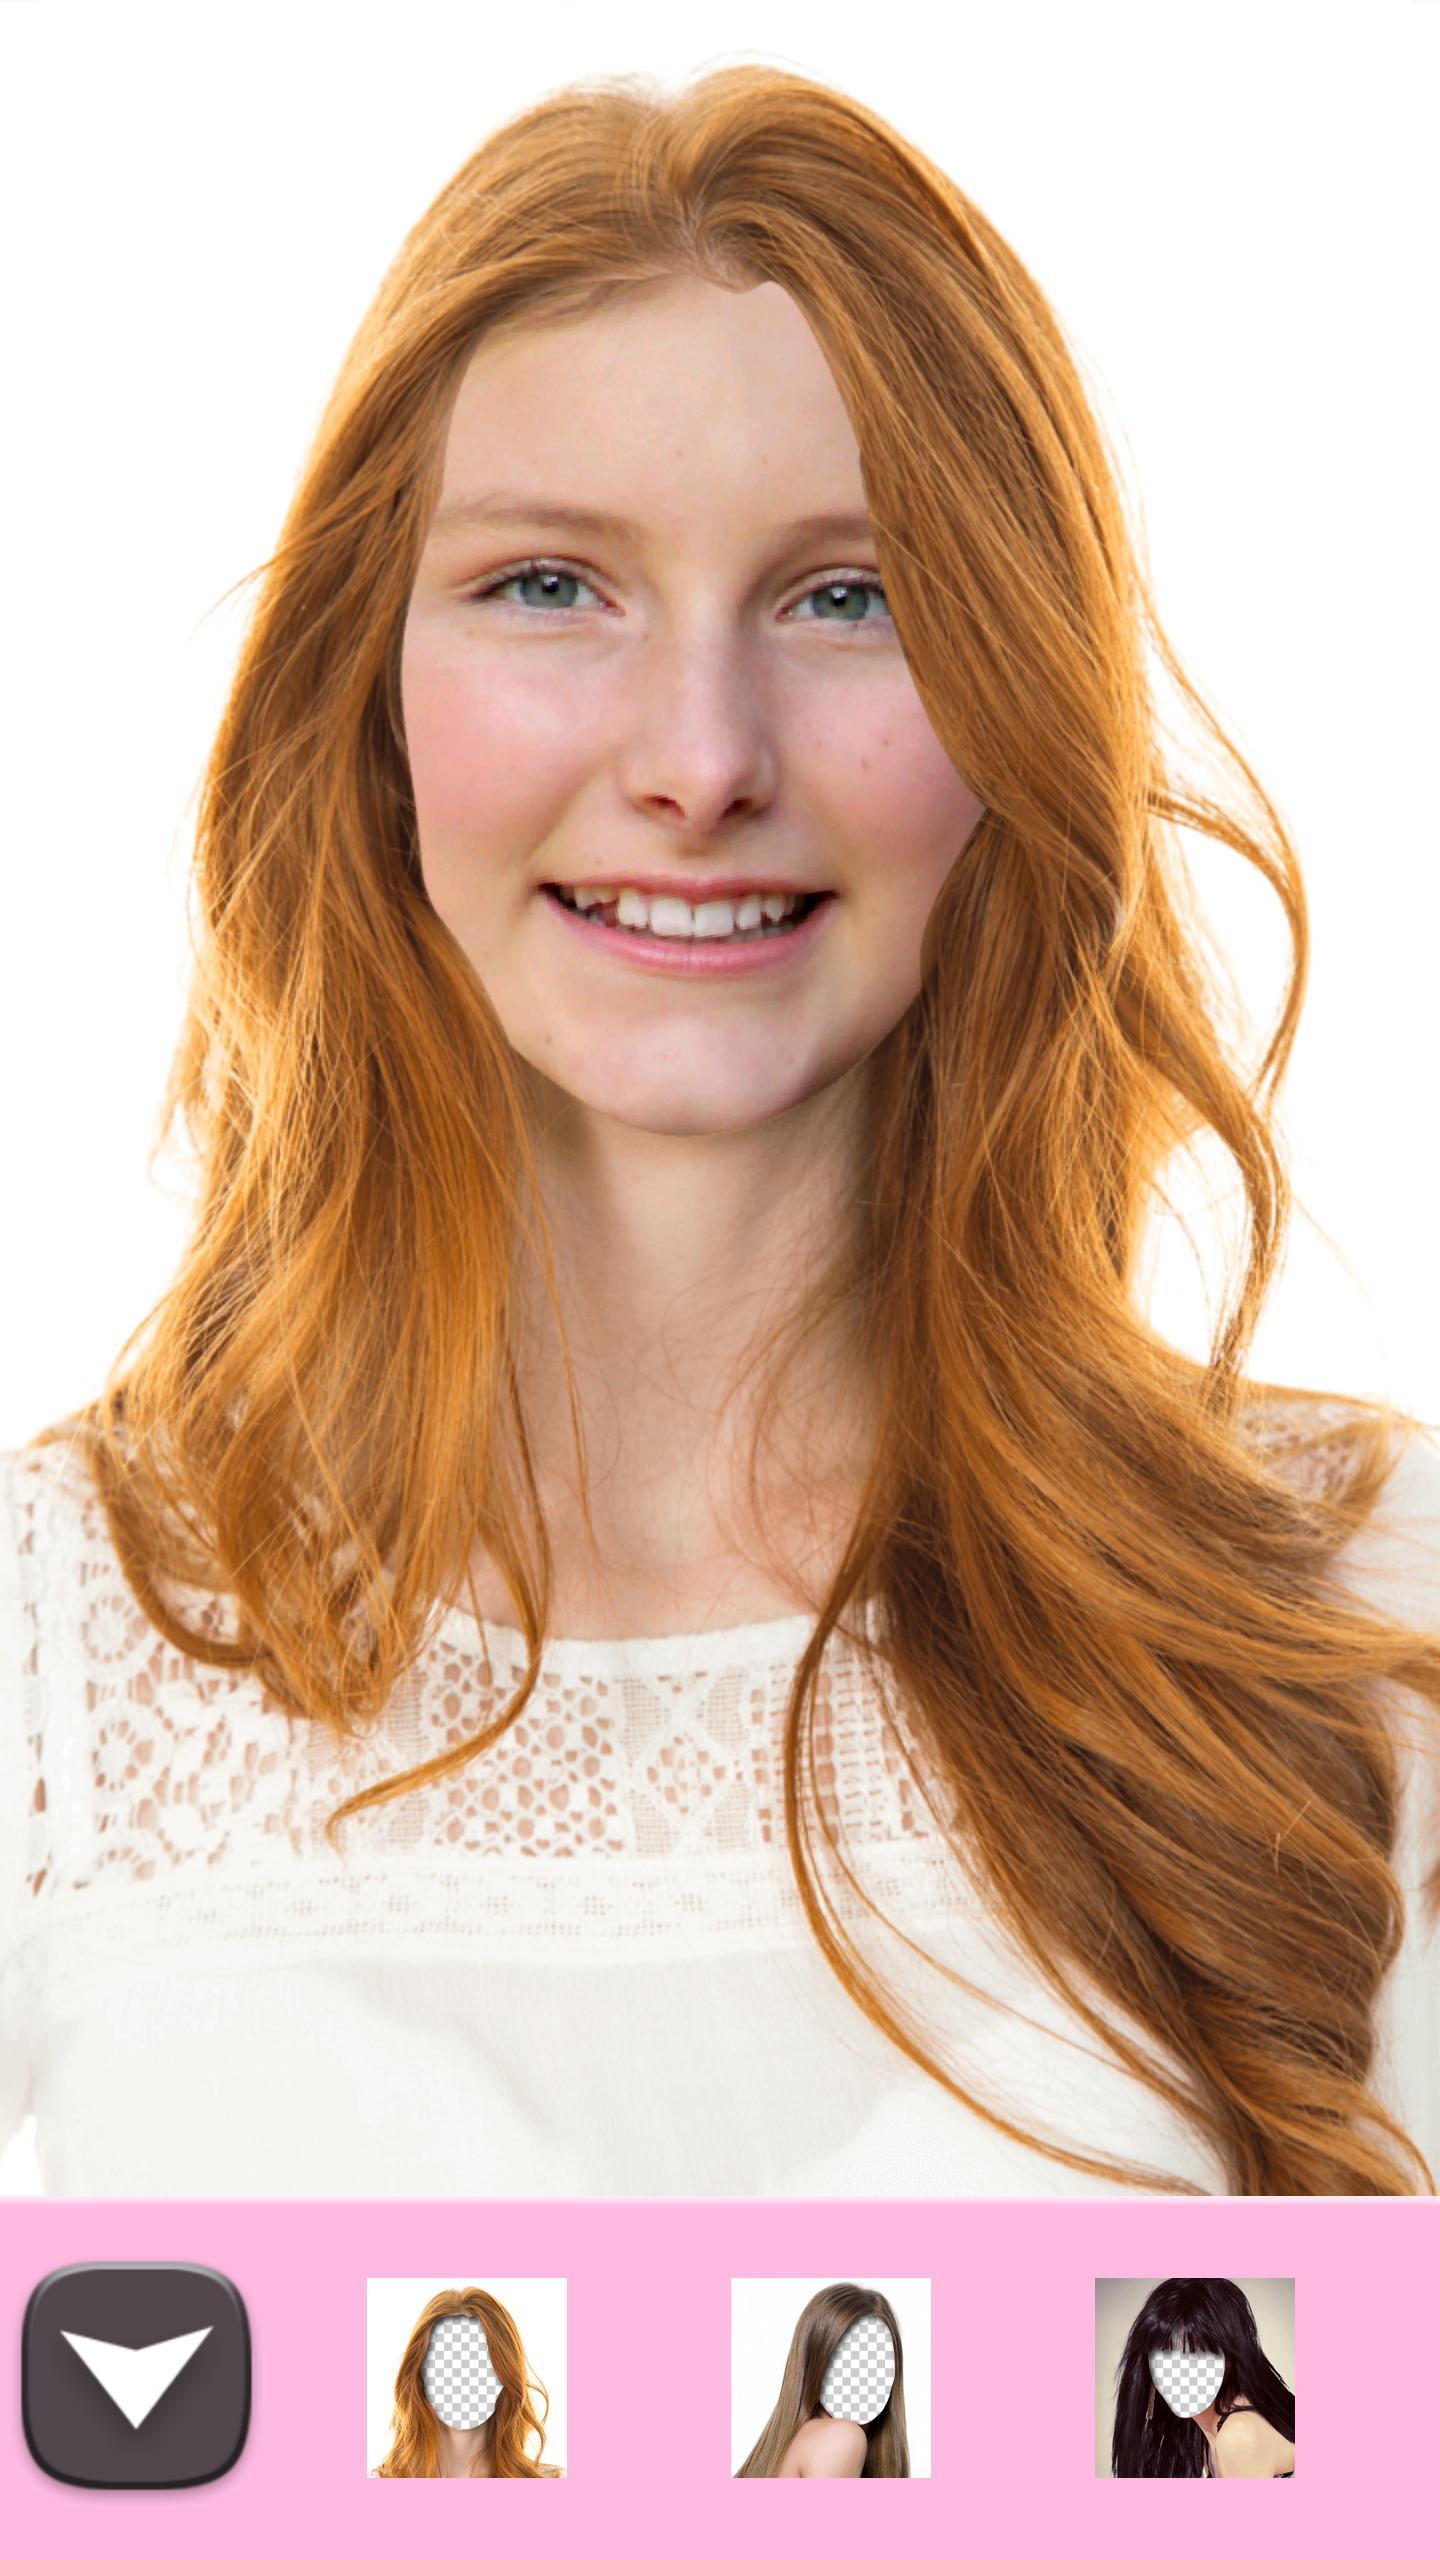 Frisuren App für Frauen für Android - APK herunterladen